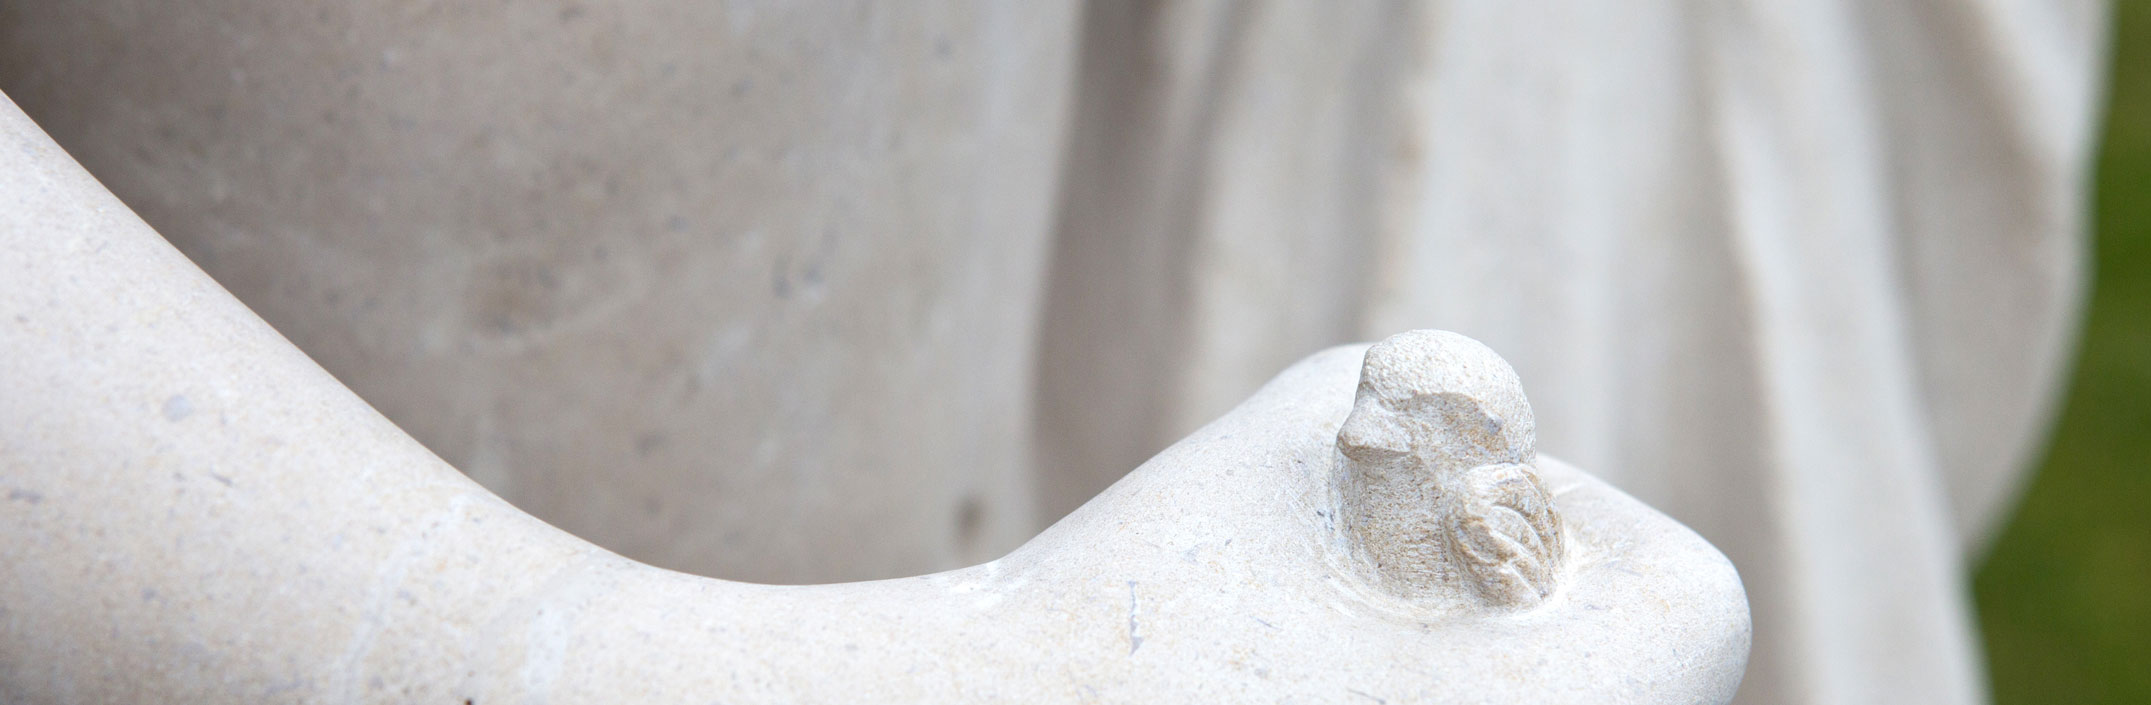 Bourgogne Sculpture Didier Ridet sculpteur sur pierre et marbre evier en pierre vasque en pierre